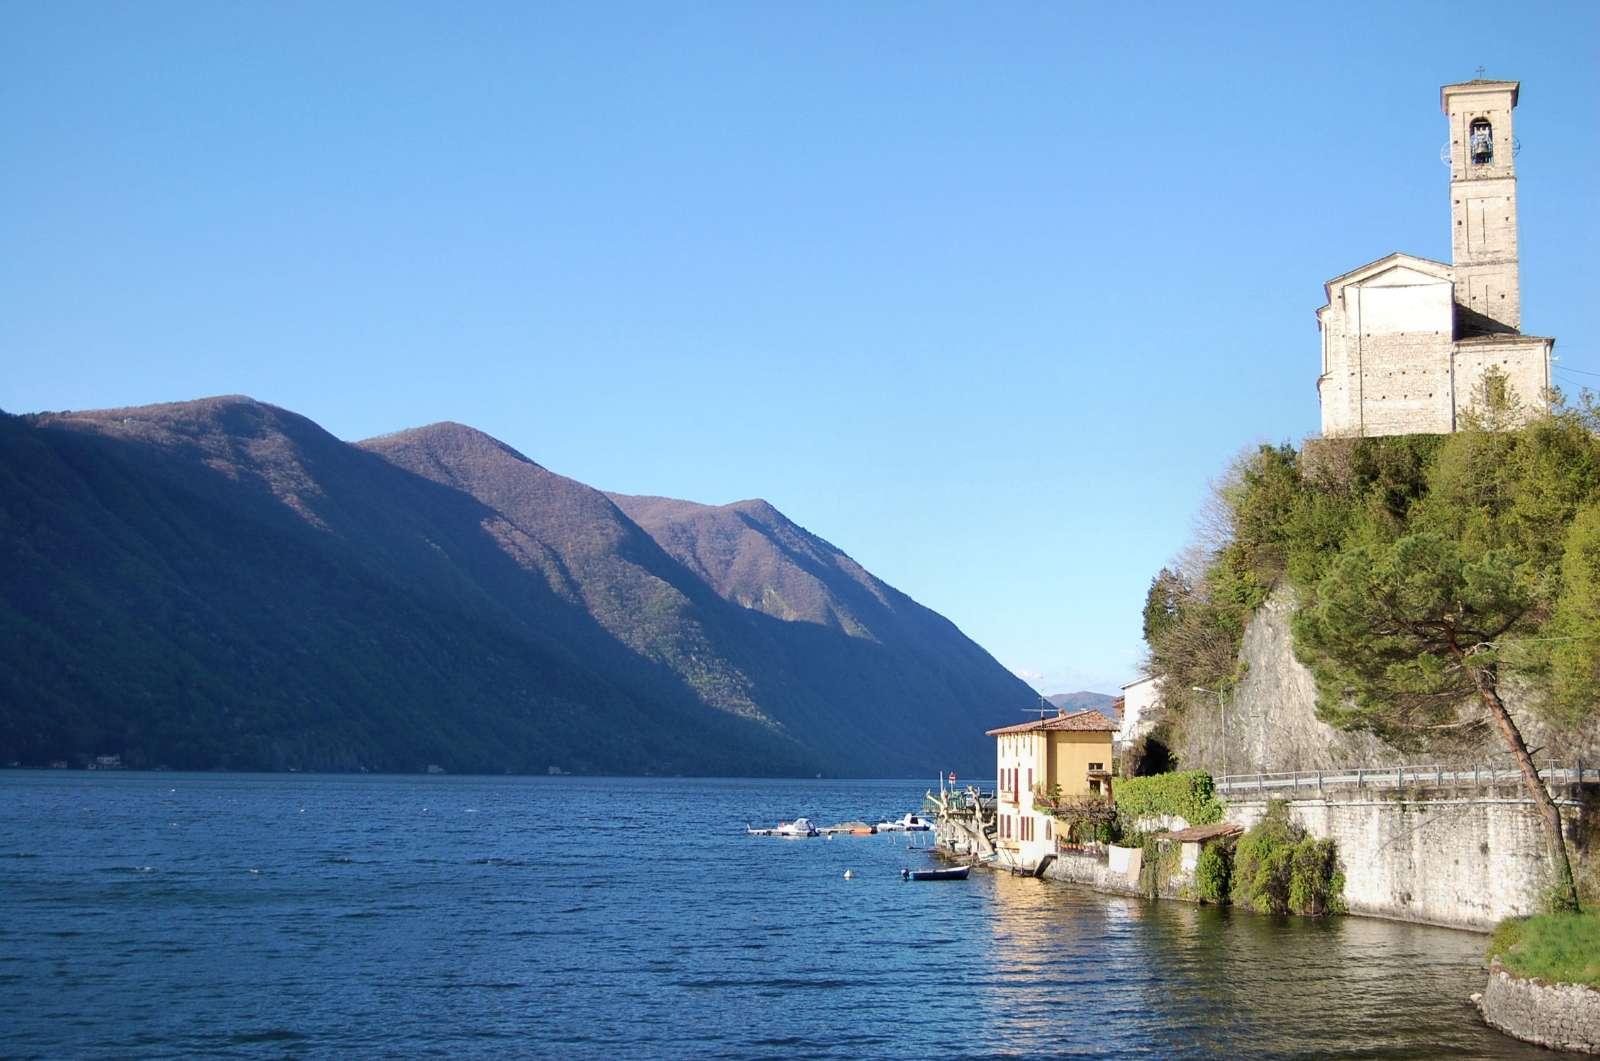 Une belle église au seuil de la frontière suisse